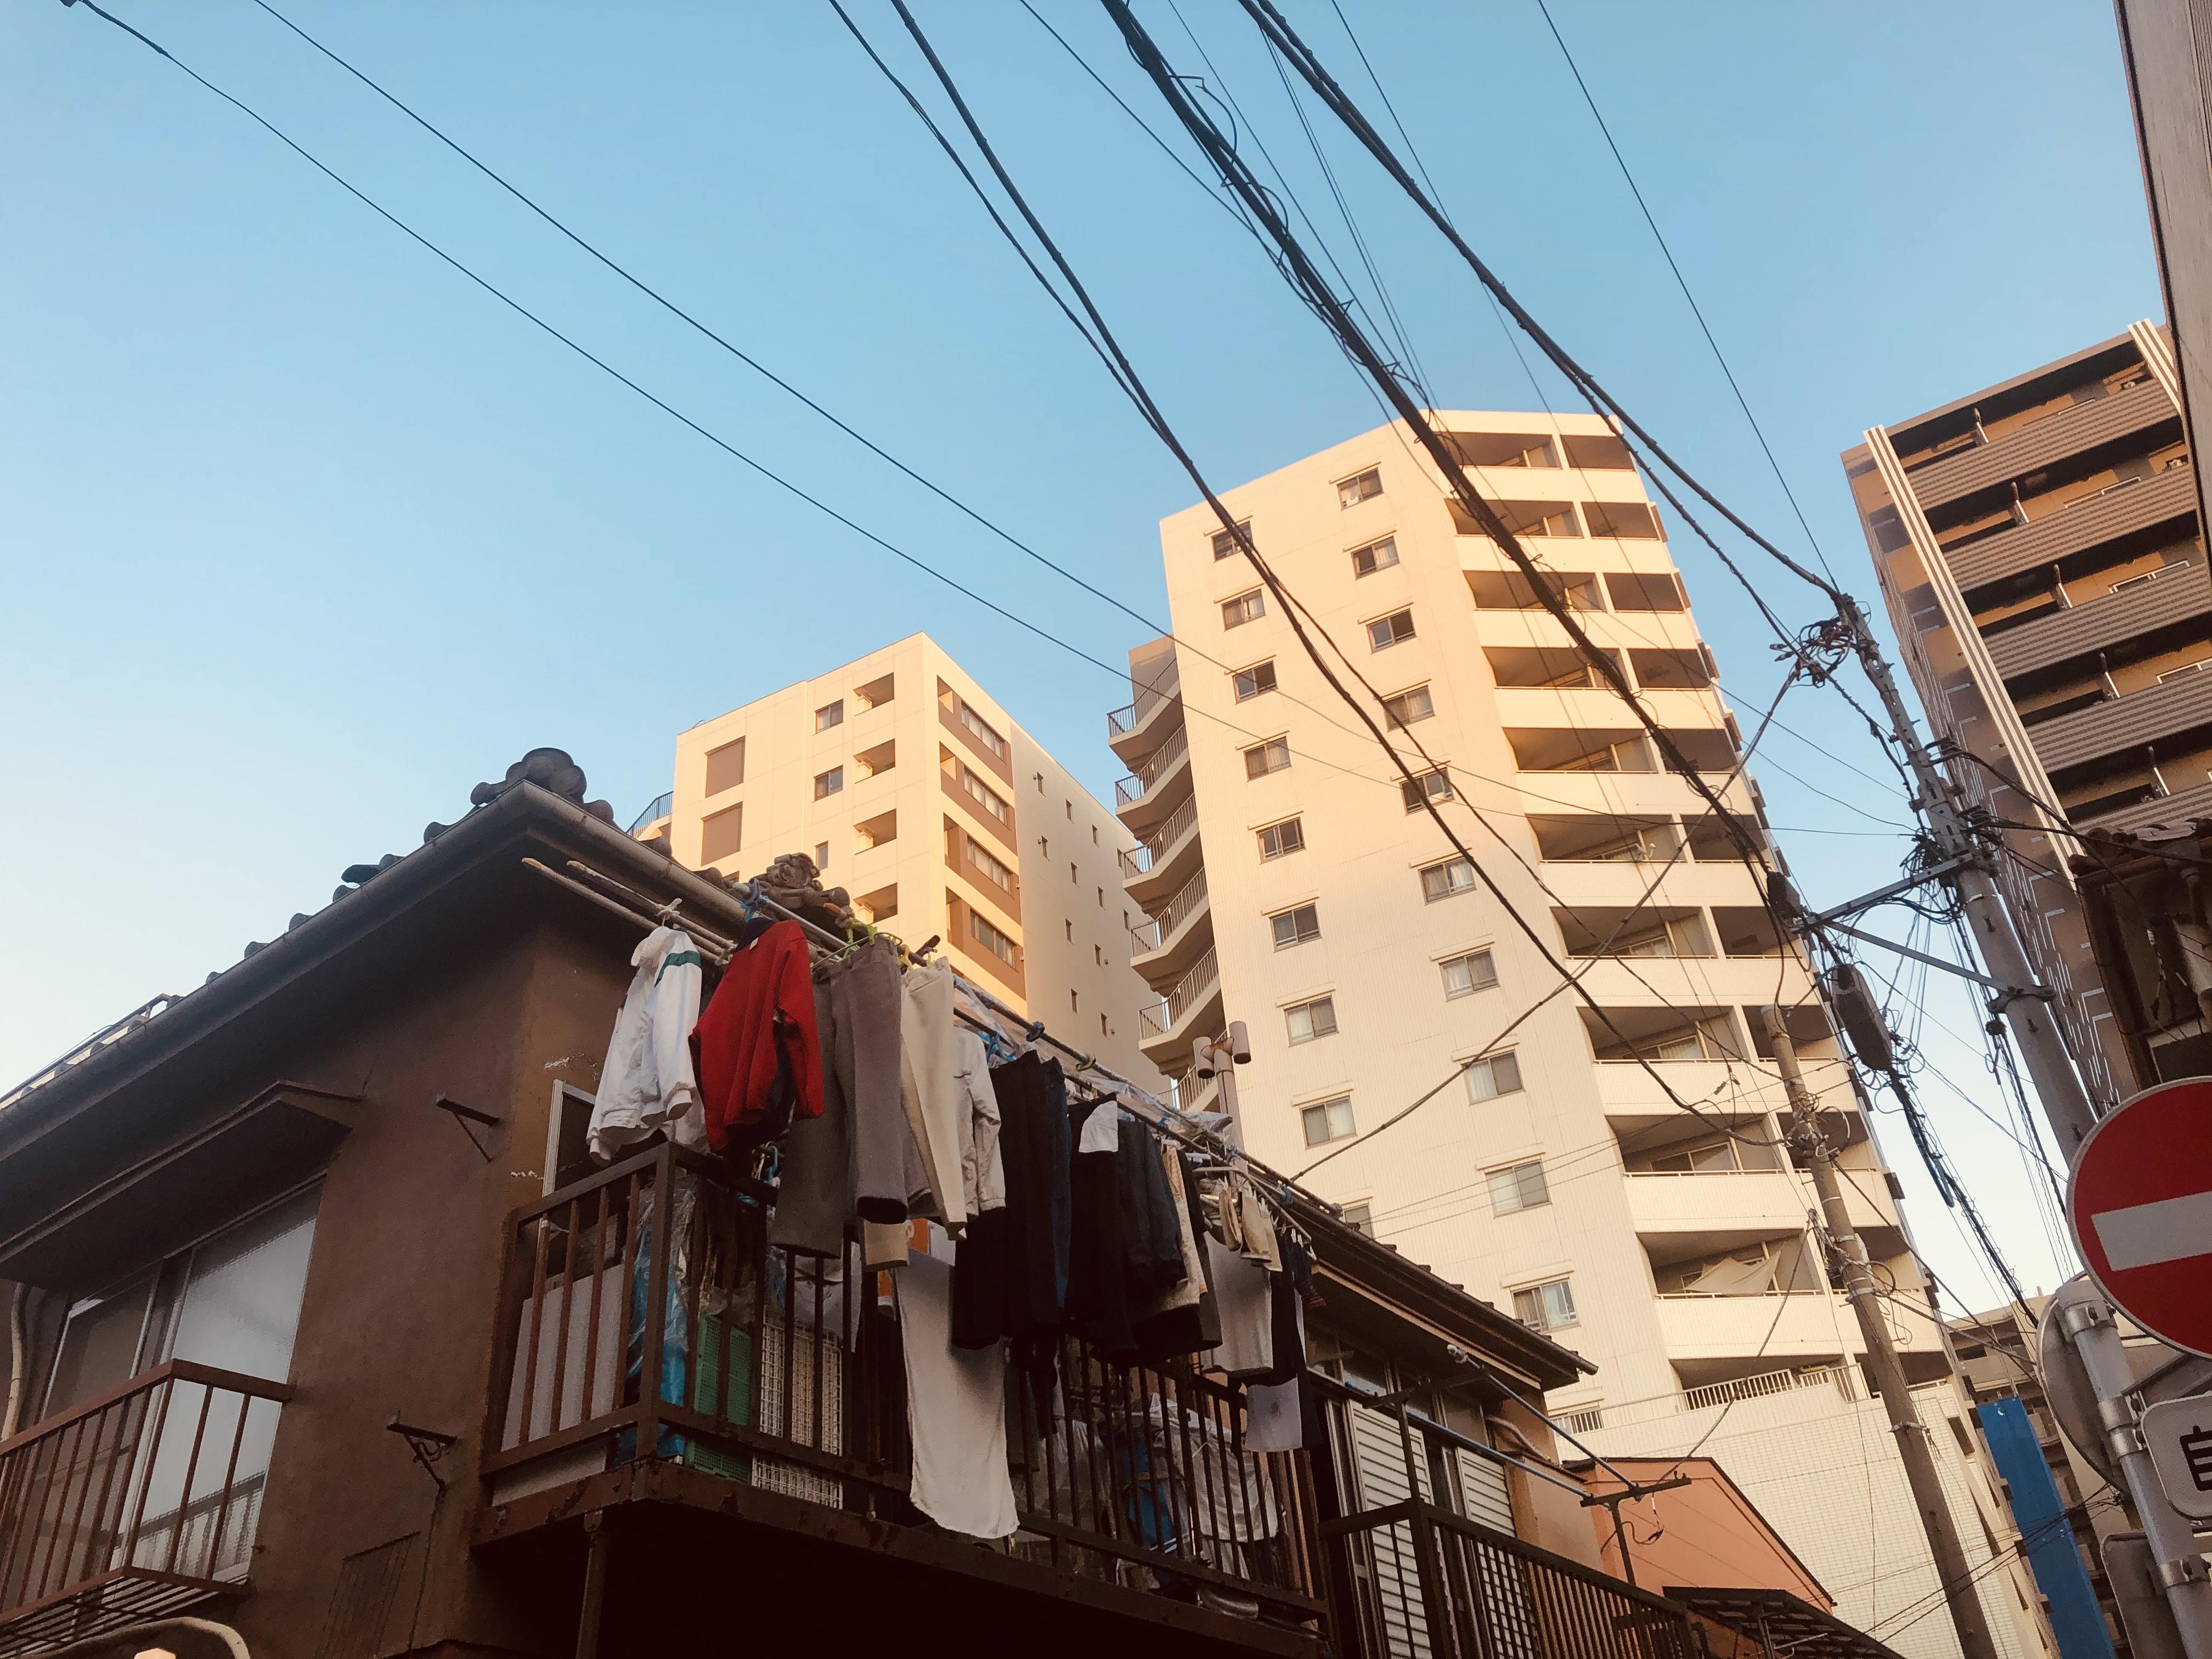 日本に完全に再順応した証:満員電車でお尻ポケットの財布にまったく注意を払わなくなった